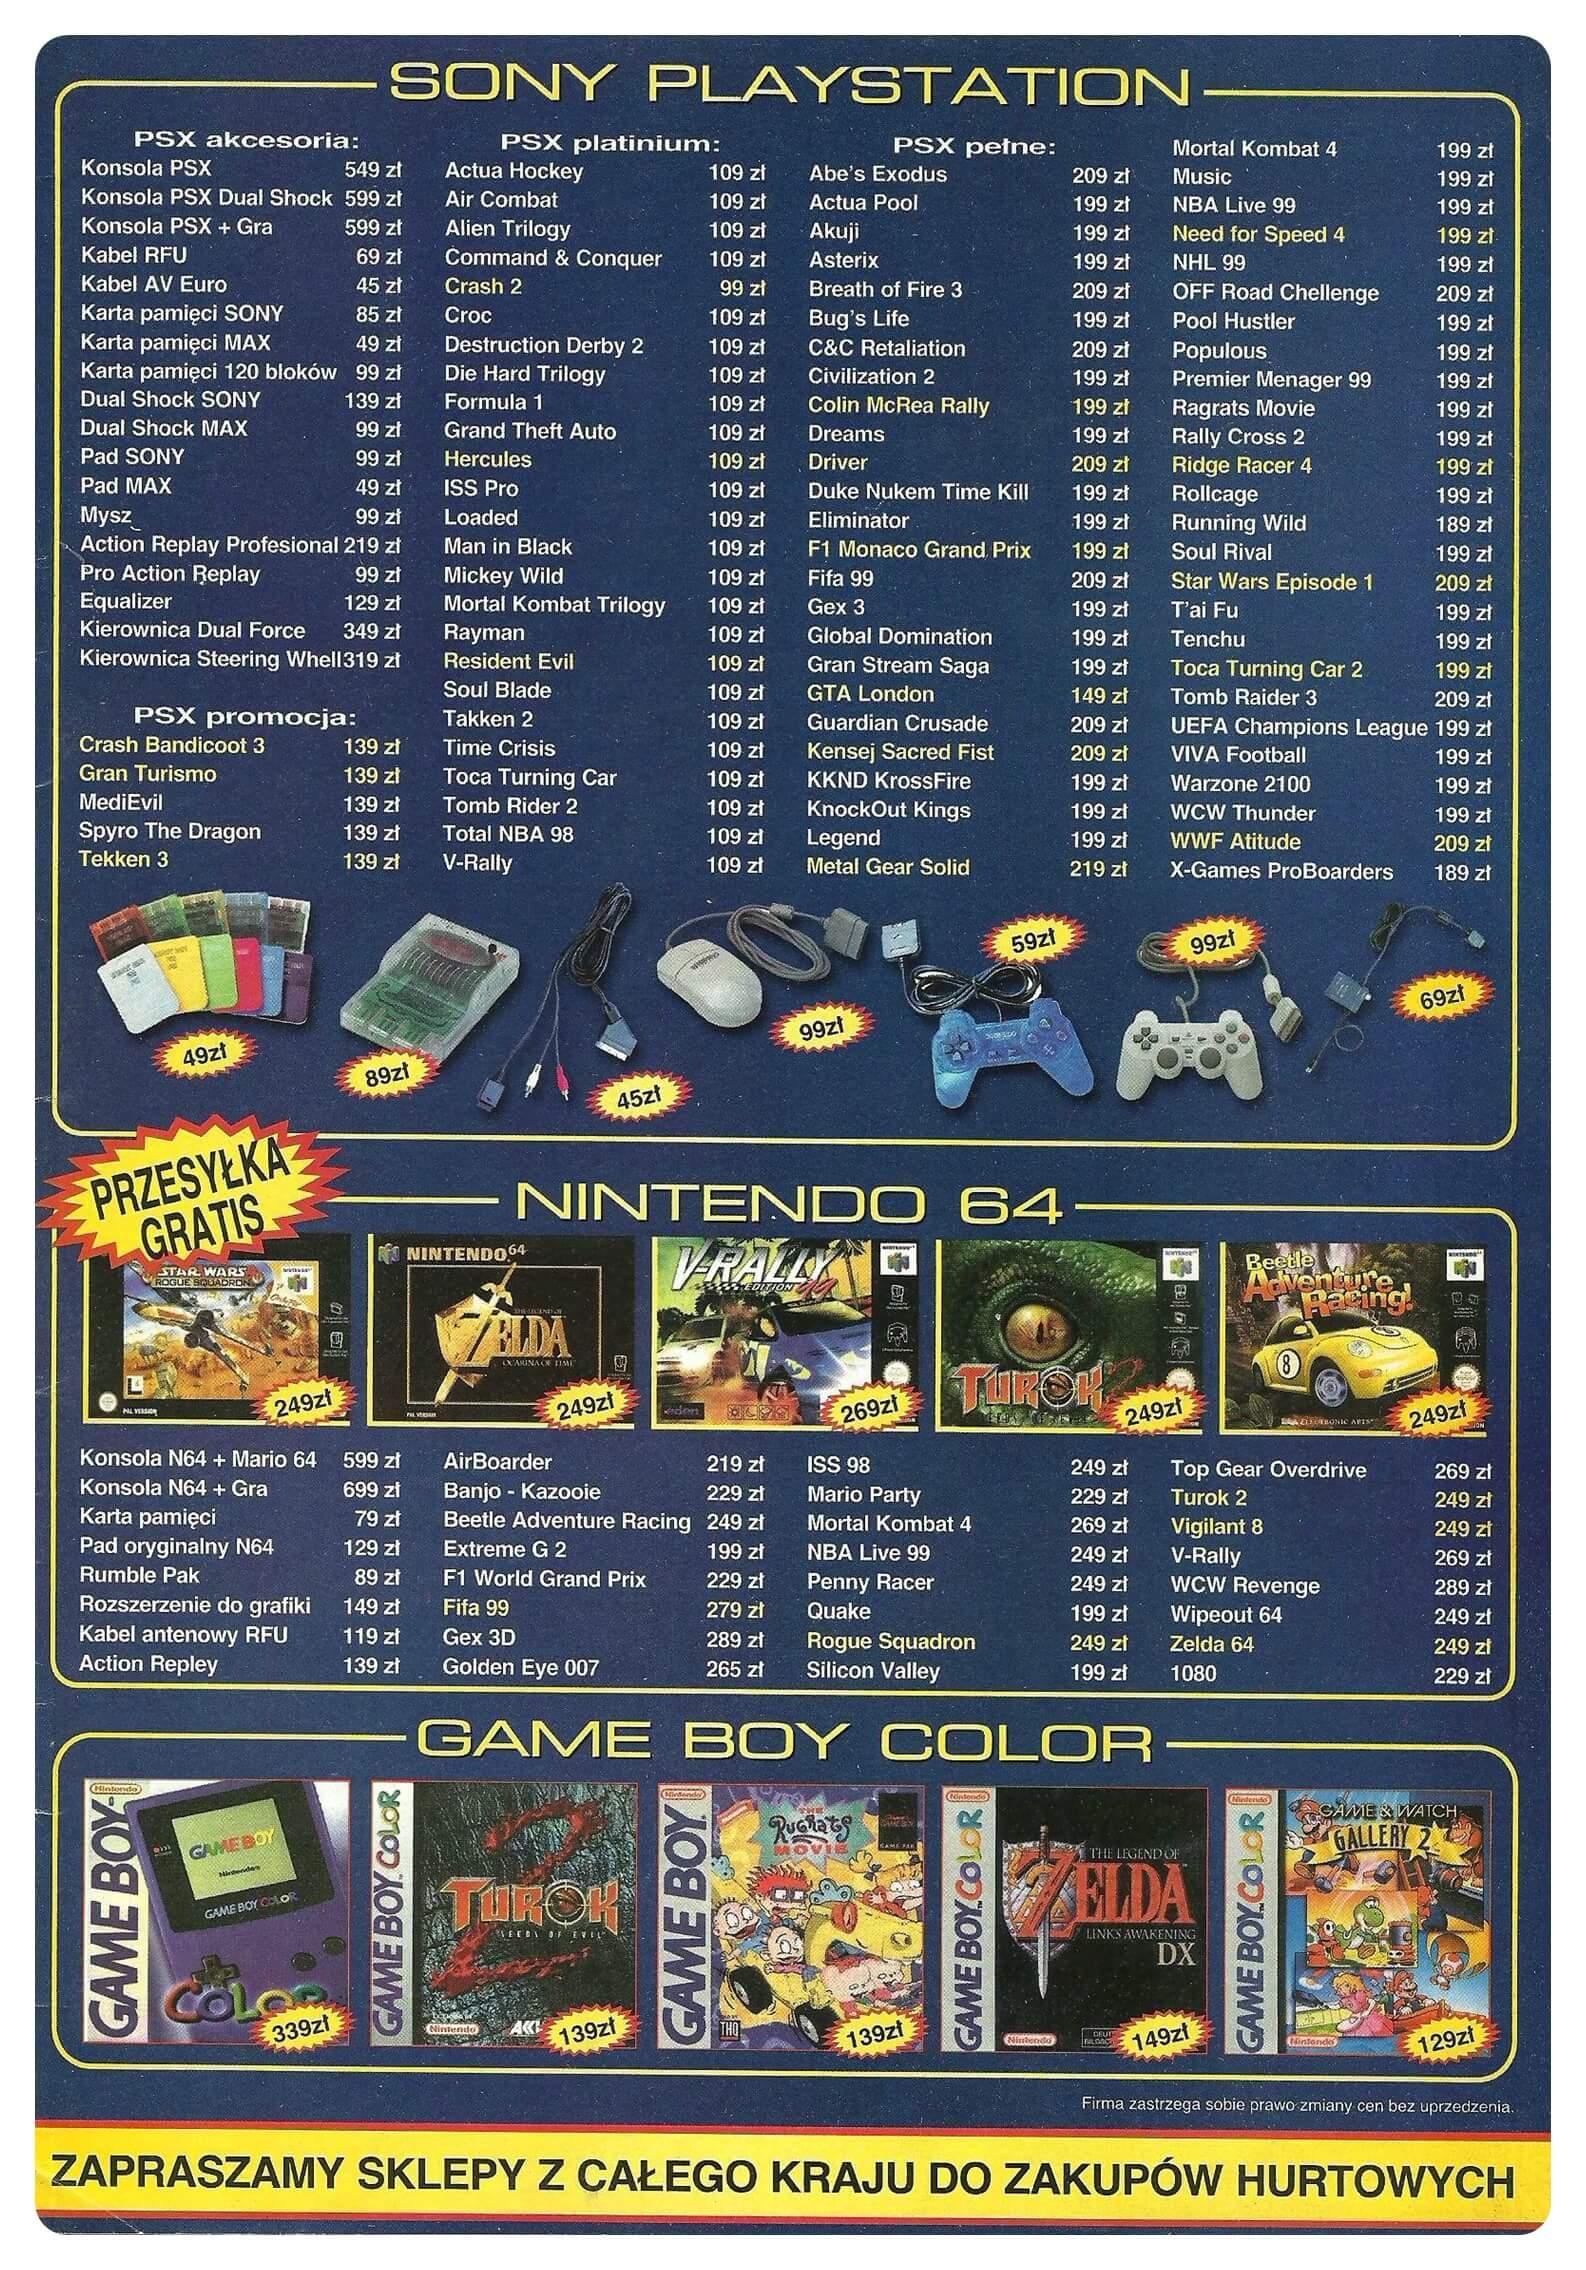 Neo Plus nr 011 19993q4 - Jak wyglądały ceny różnych konsol w Polsce w latach 1996-2006?